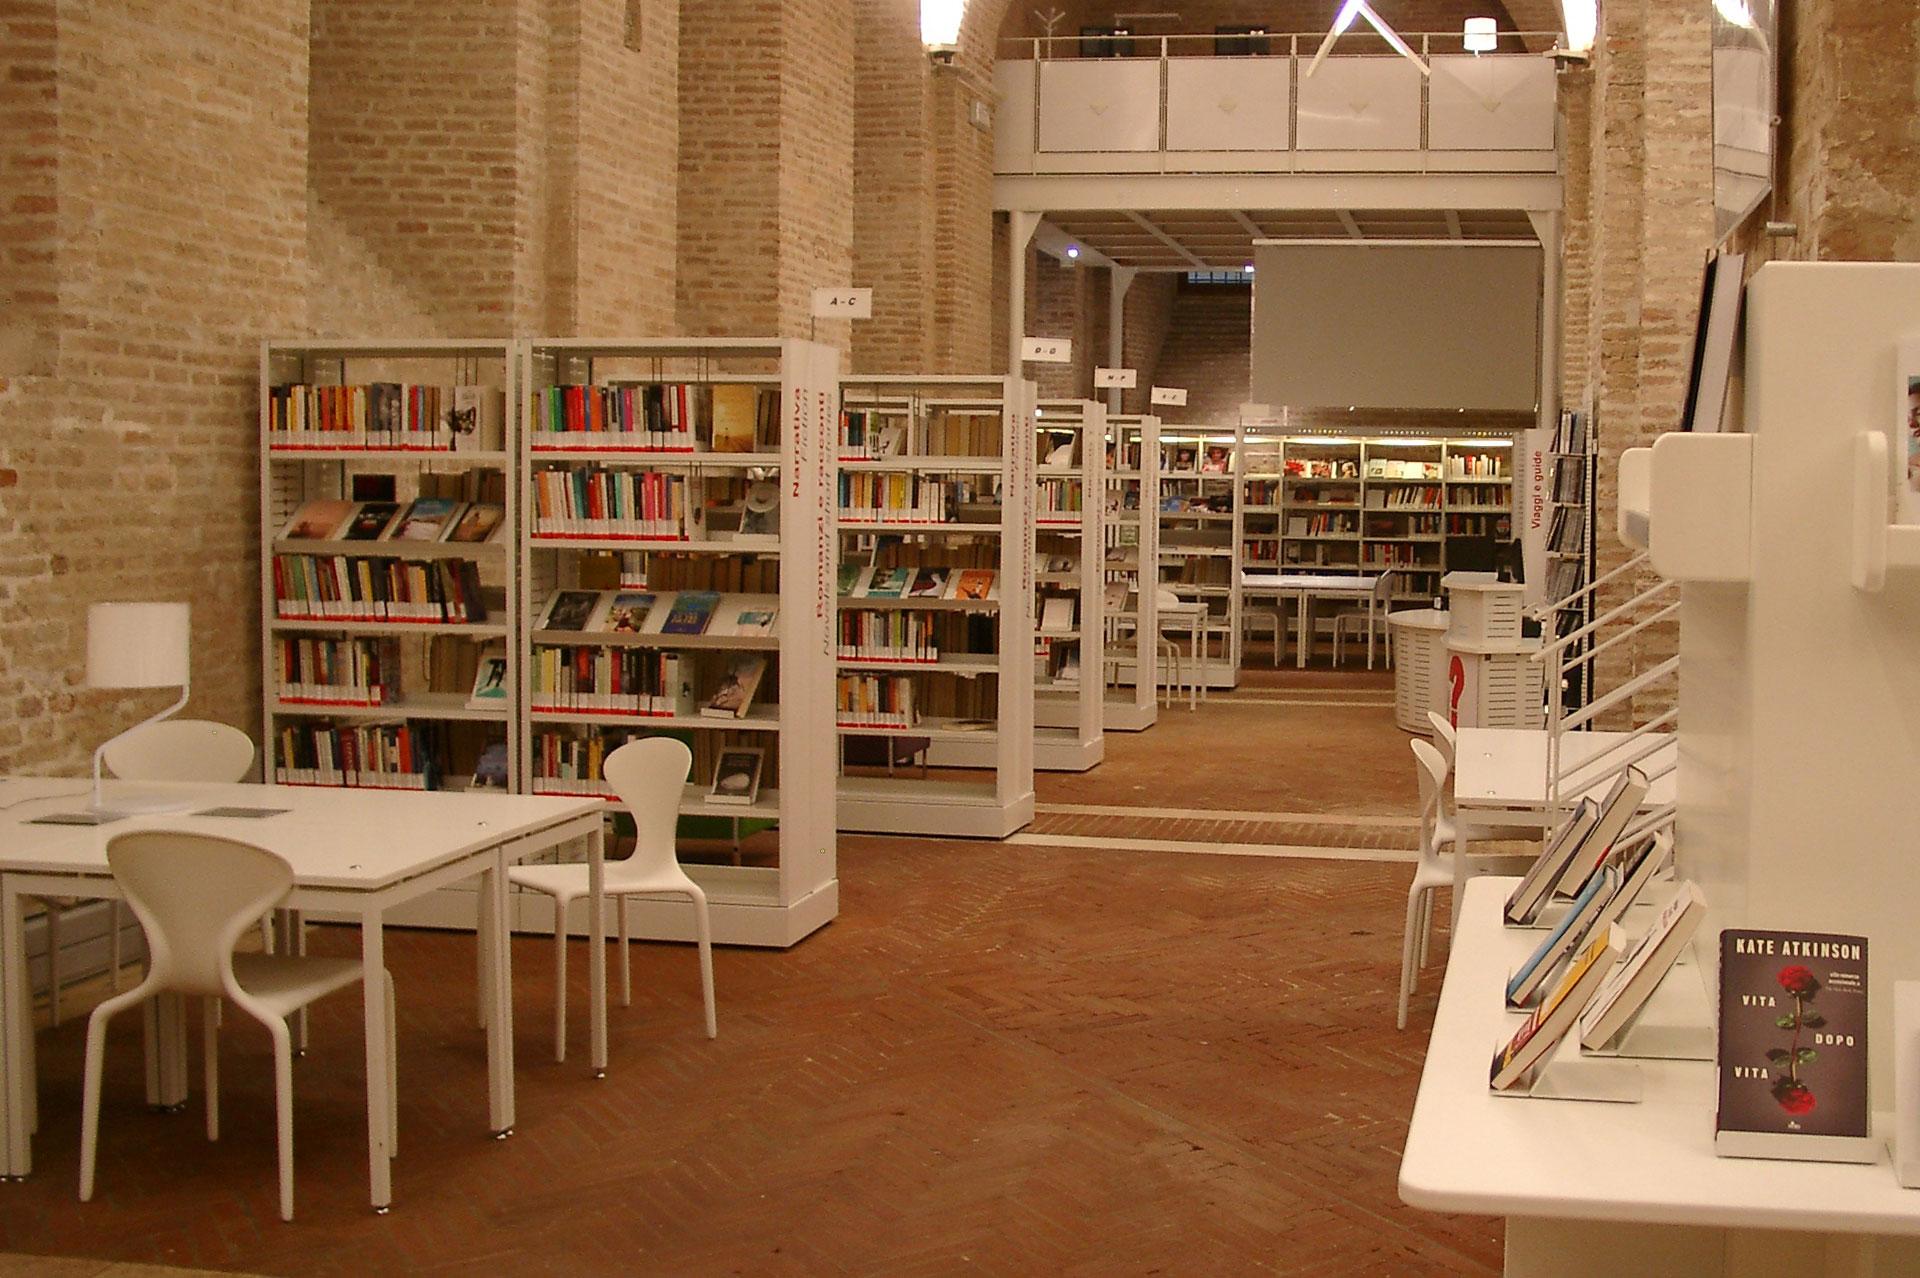 Jesi - Biblioteca Comunale Salara